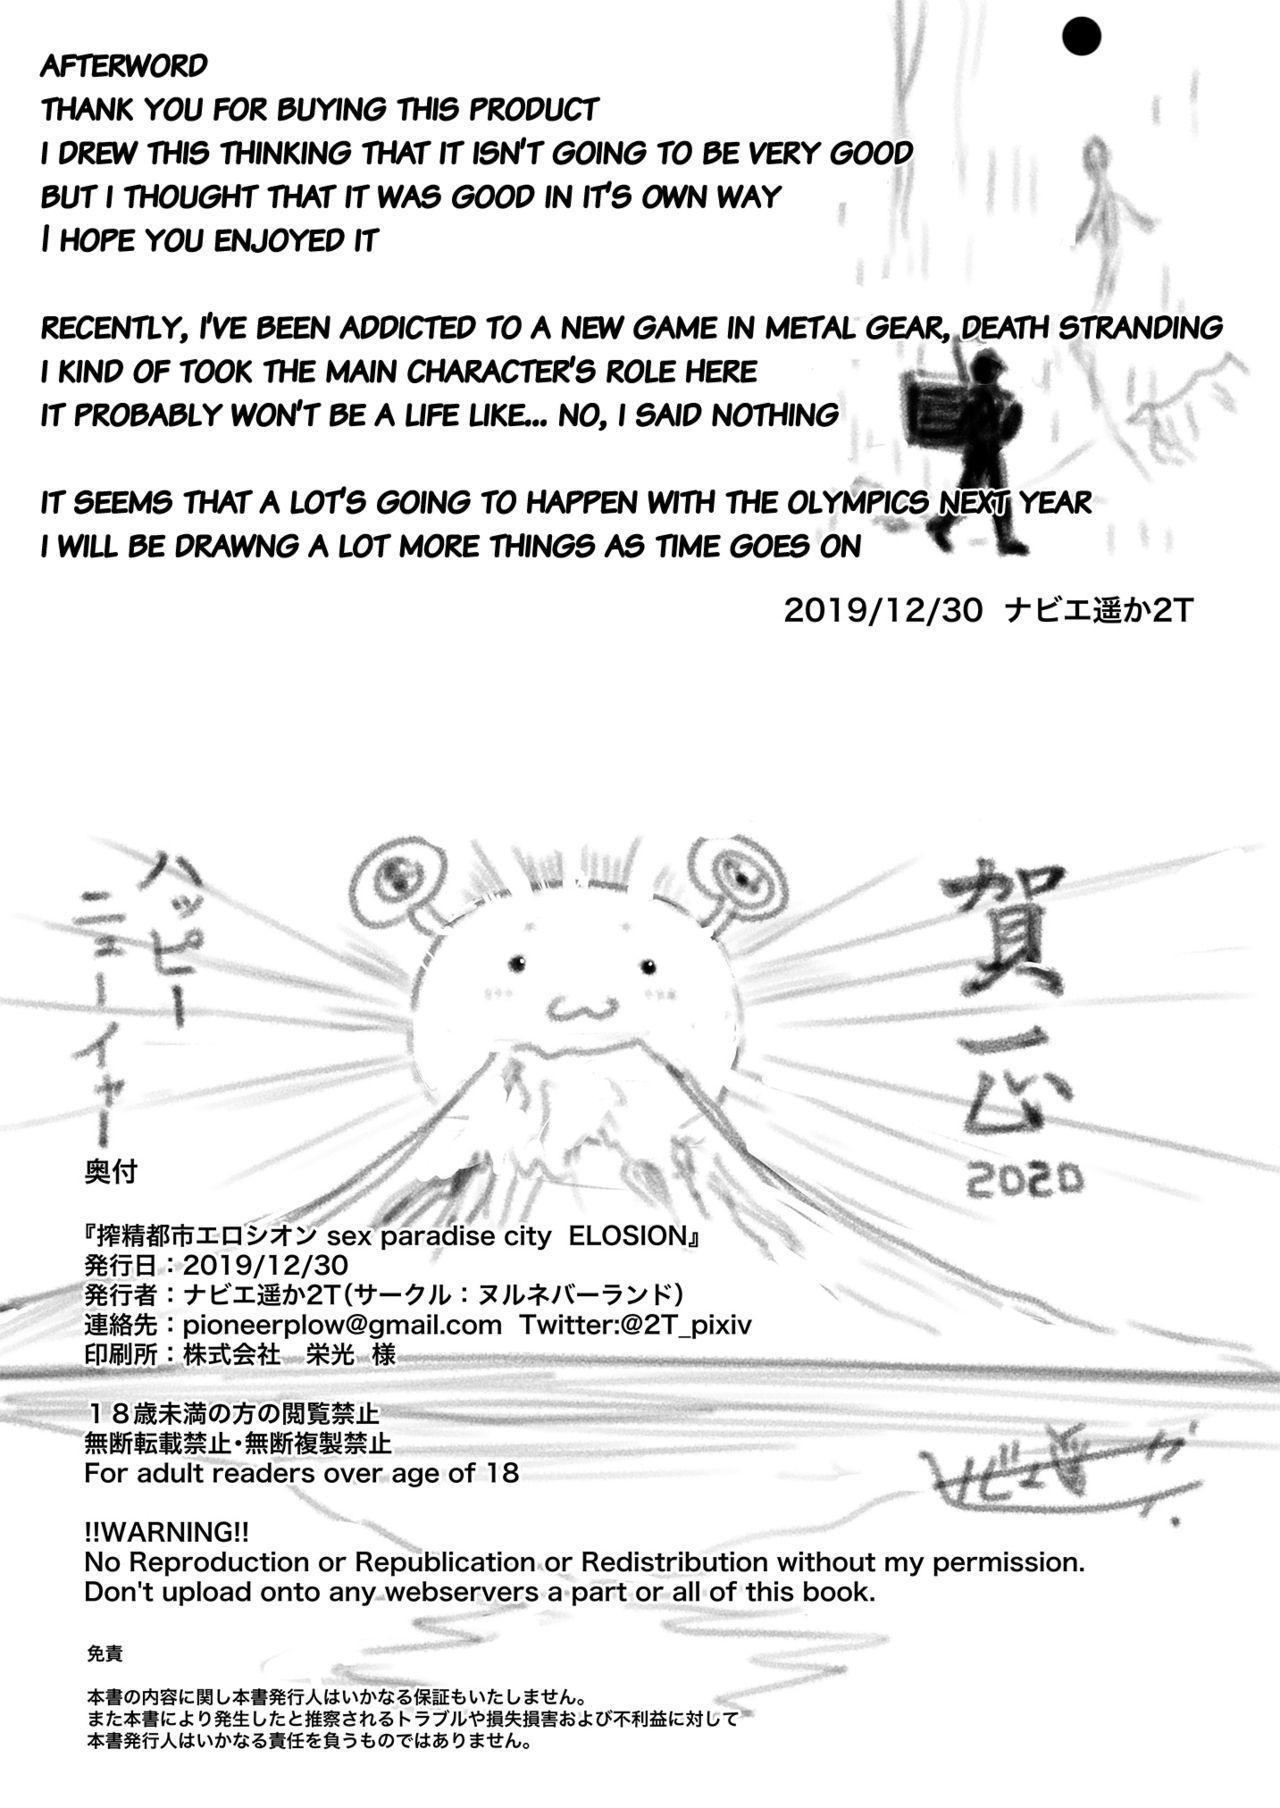 Sakusei Toshi Elosion - Sex Paradise City Elosion 31